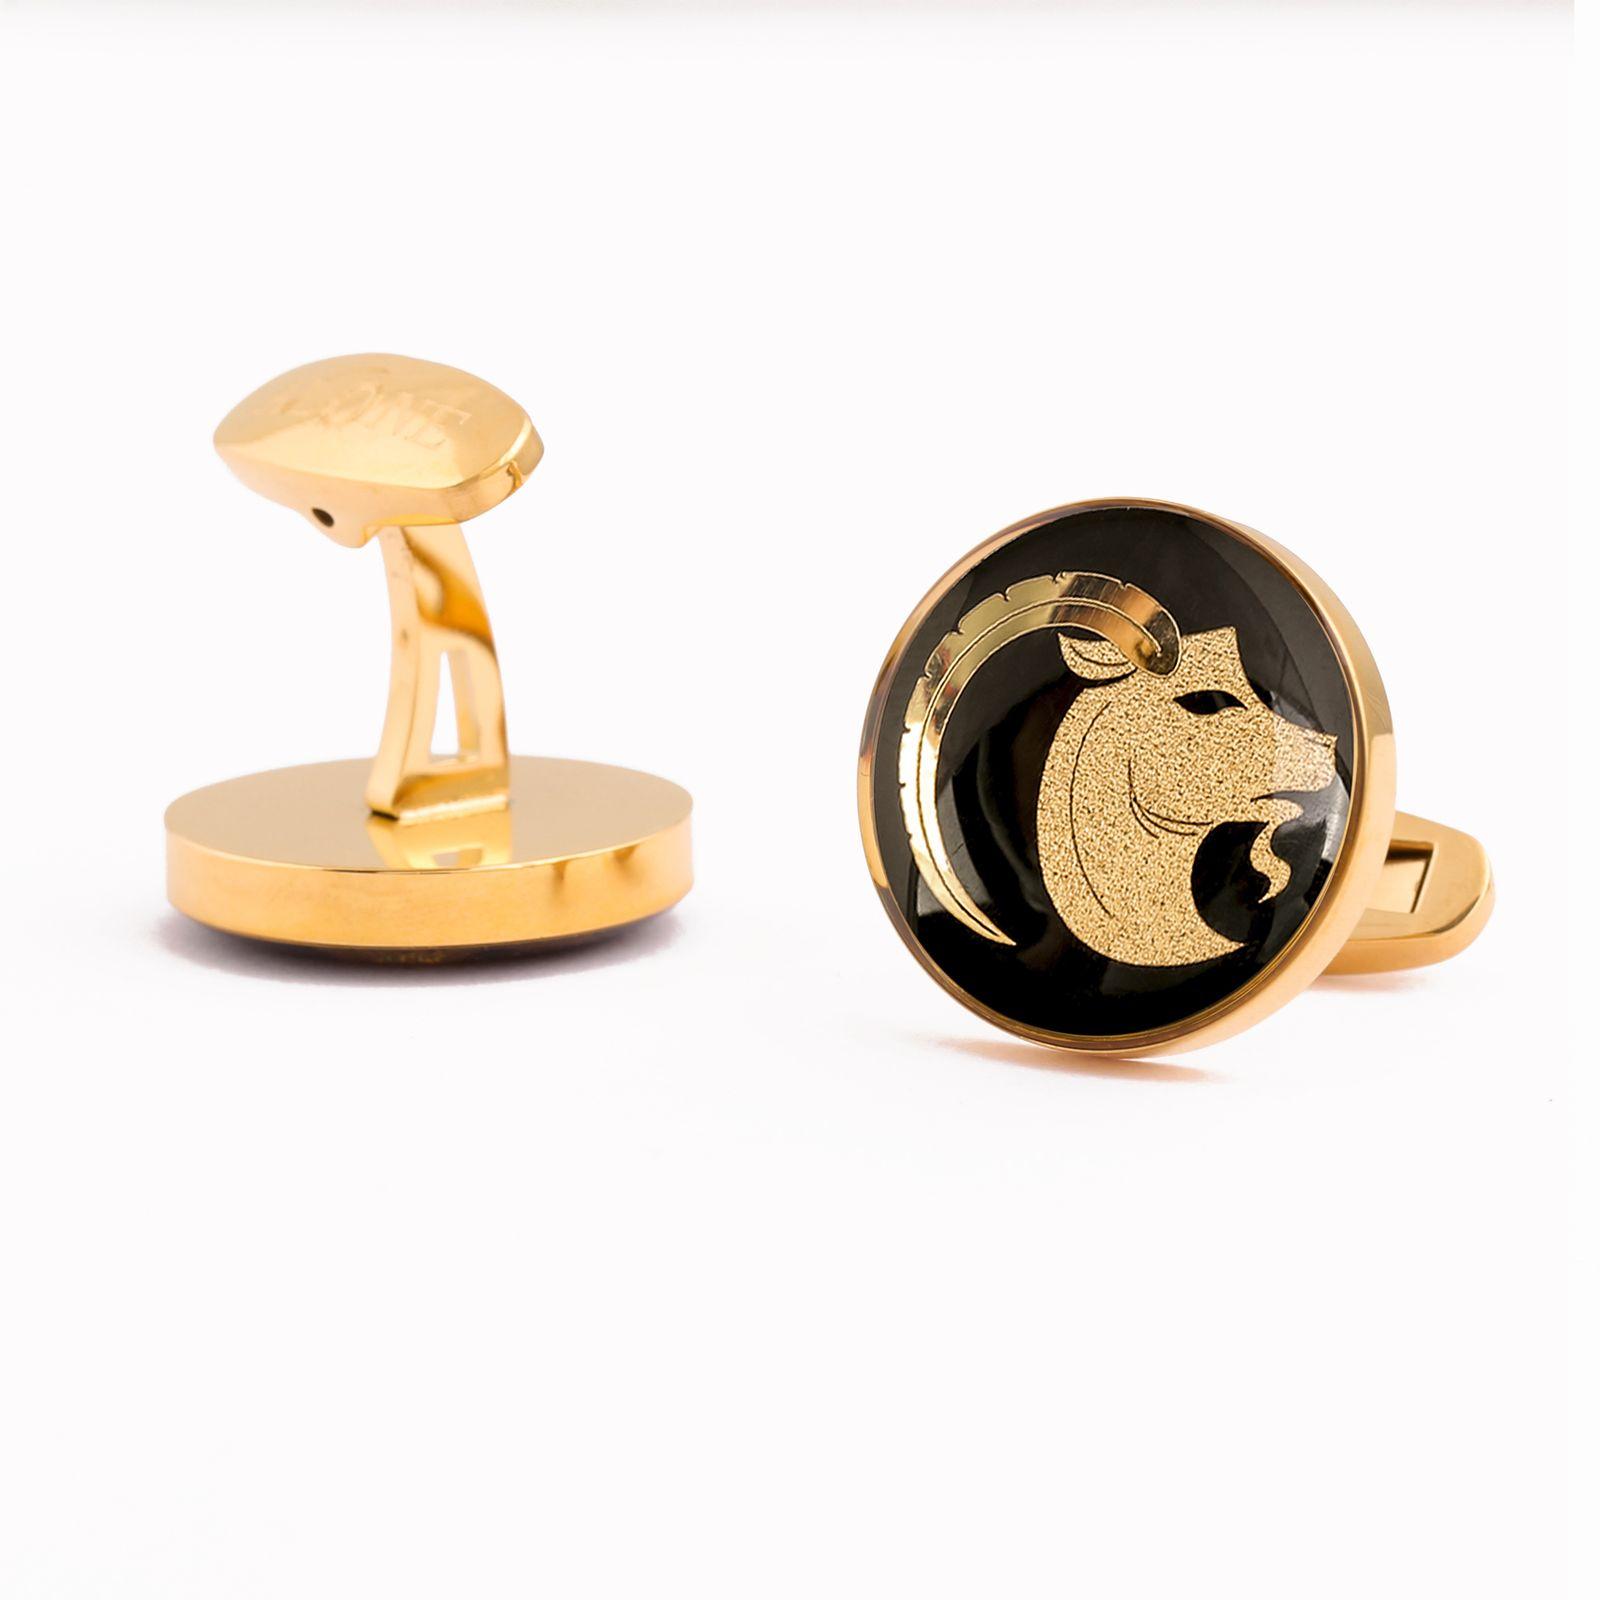 دکمه سردست مردانه الون طرح نماد ماه دی -  - 6